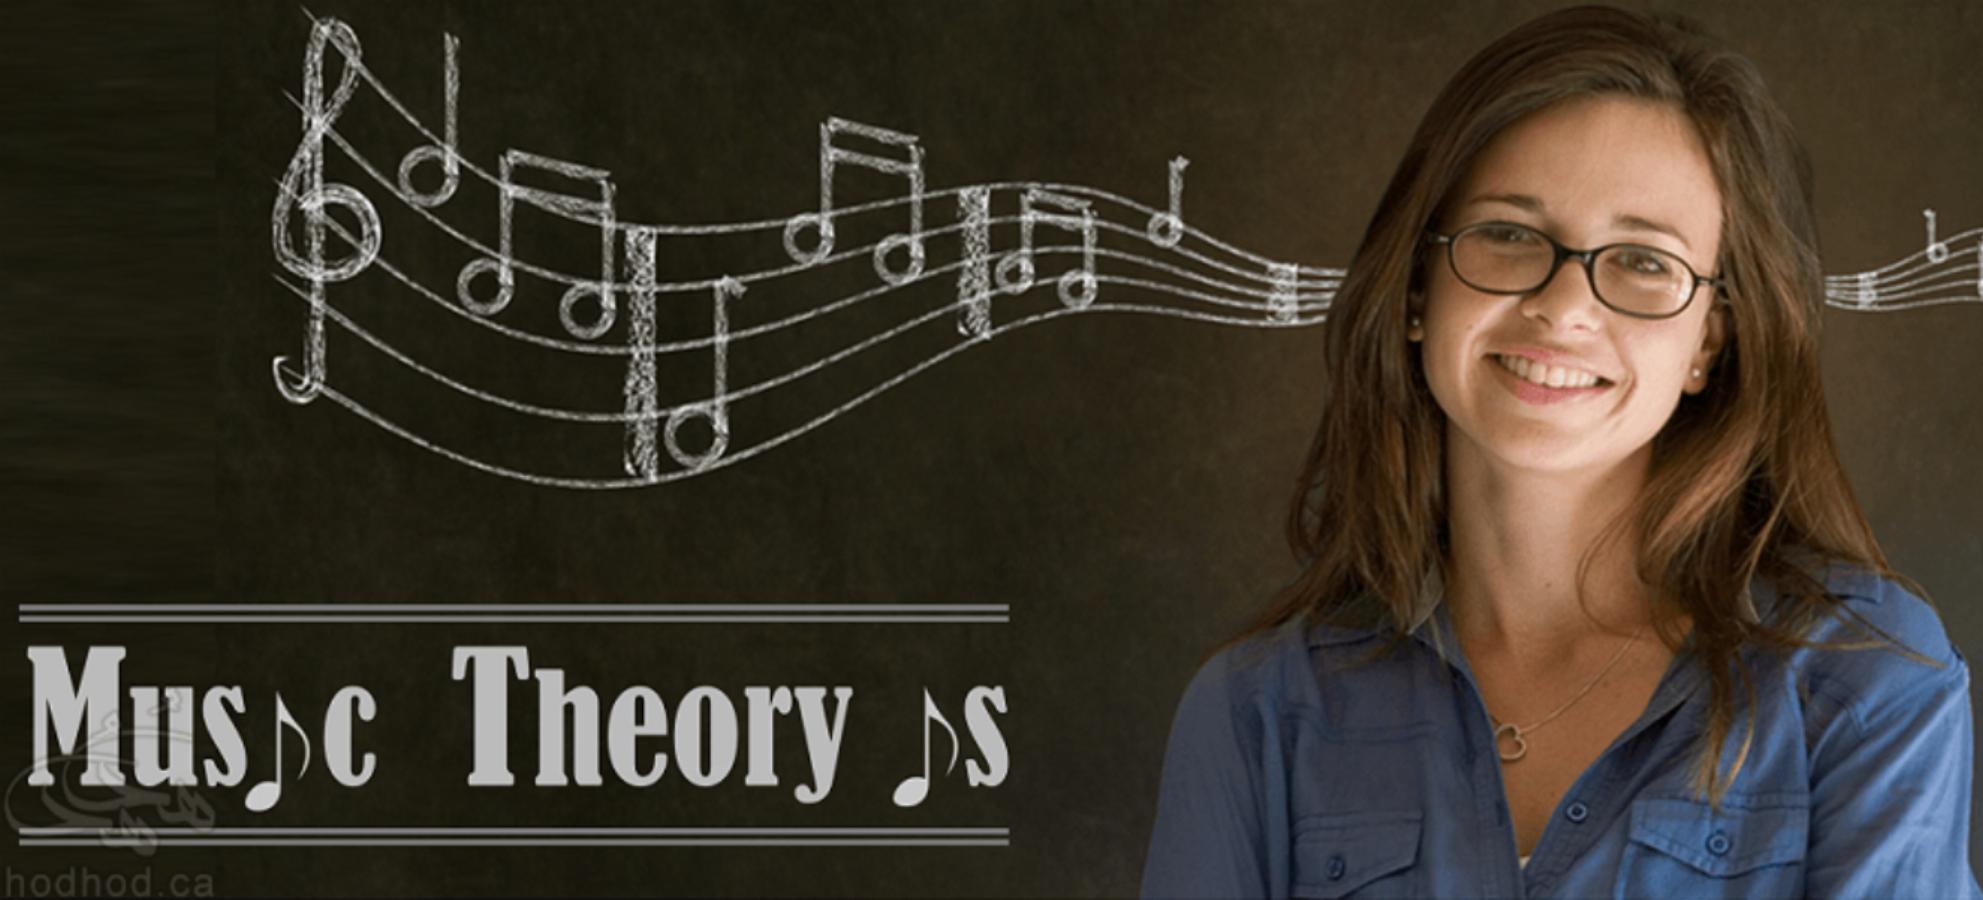 آموزش مقدماتی موسیقی: آشنایی با نرم افزارهای حرفه ای میکس